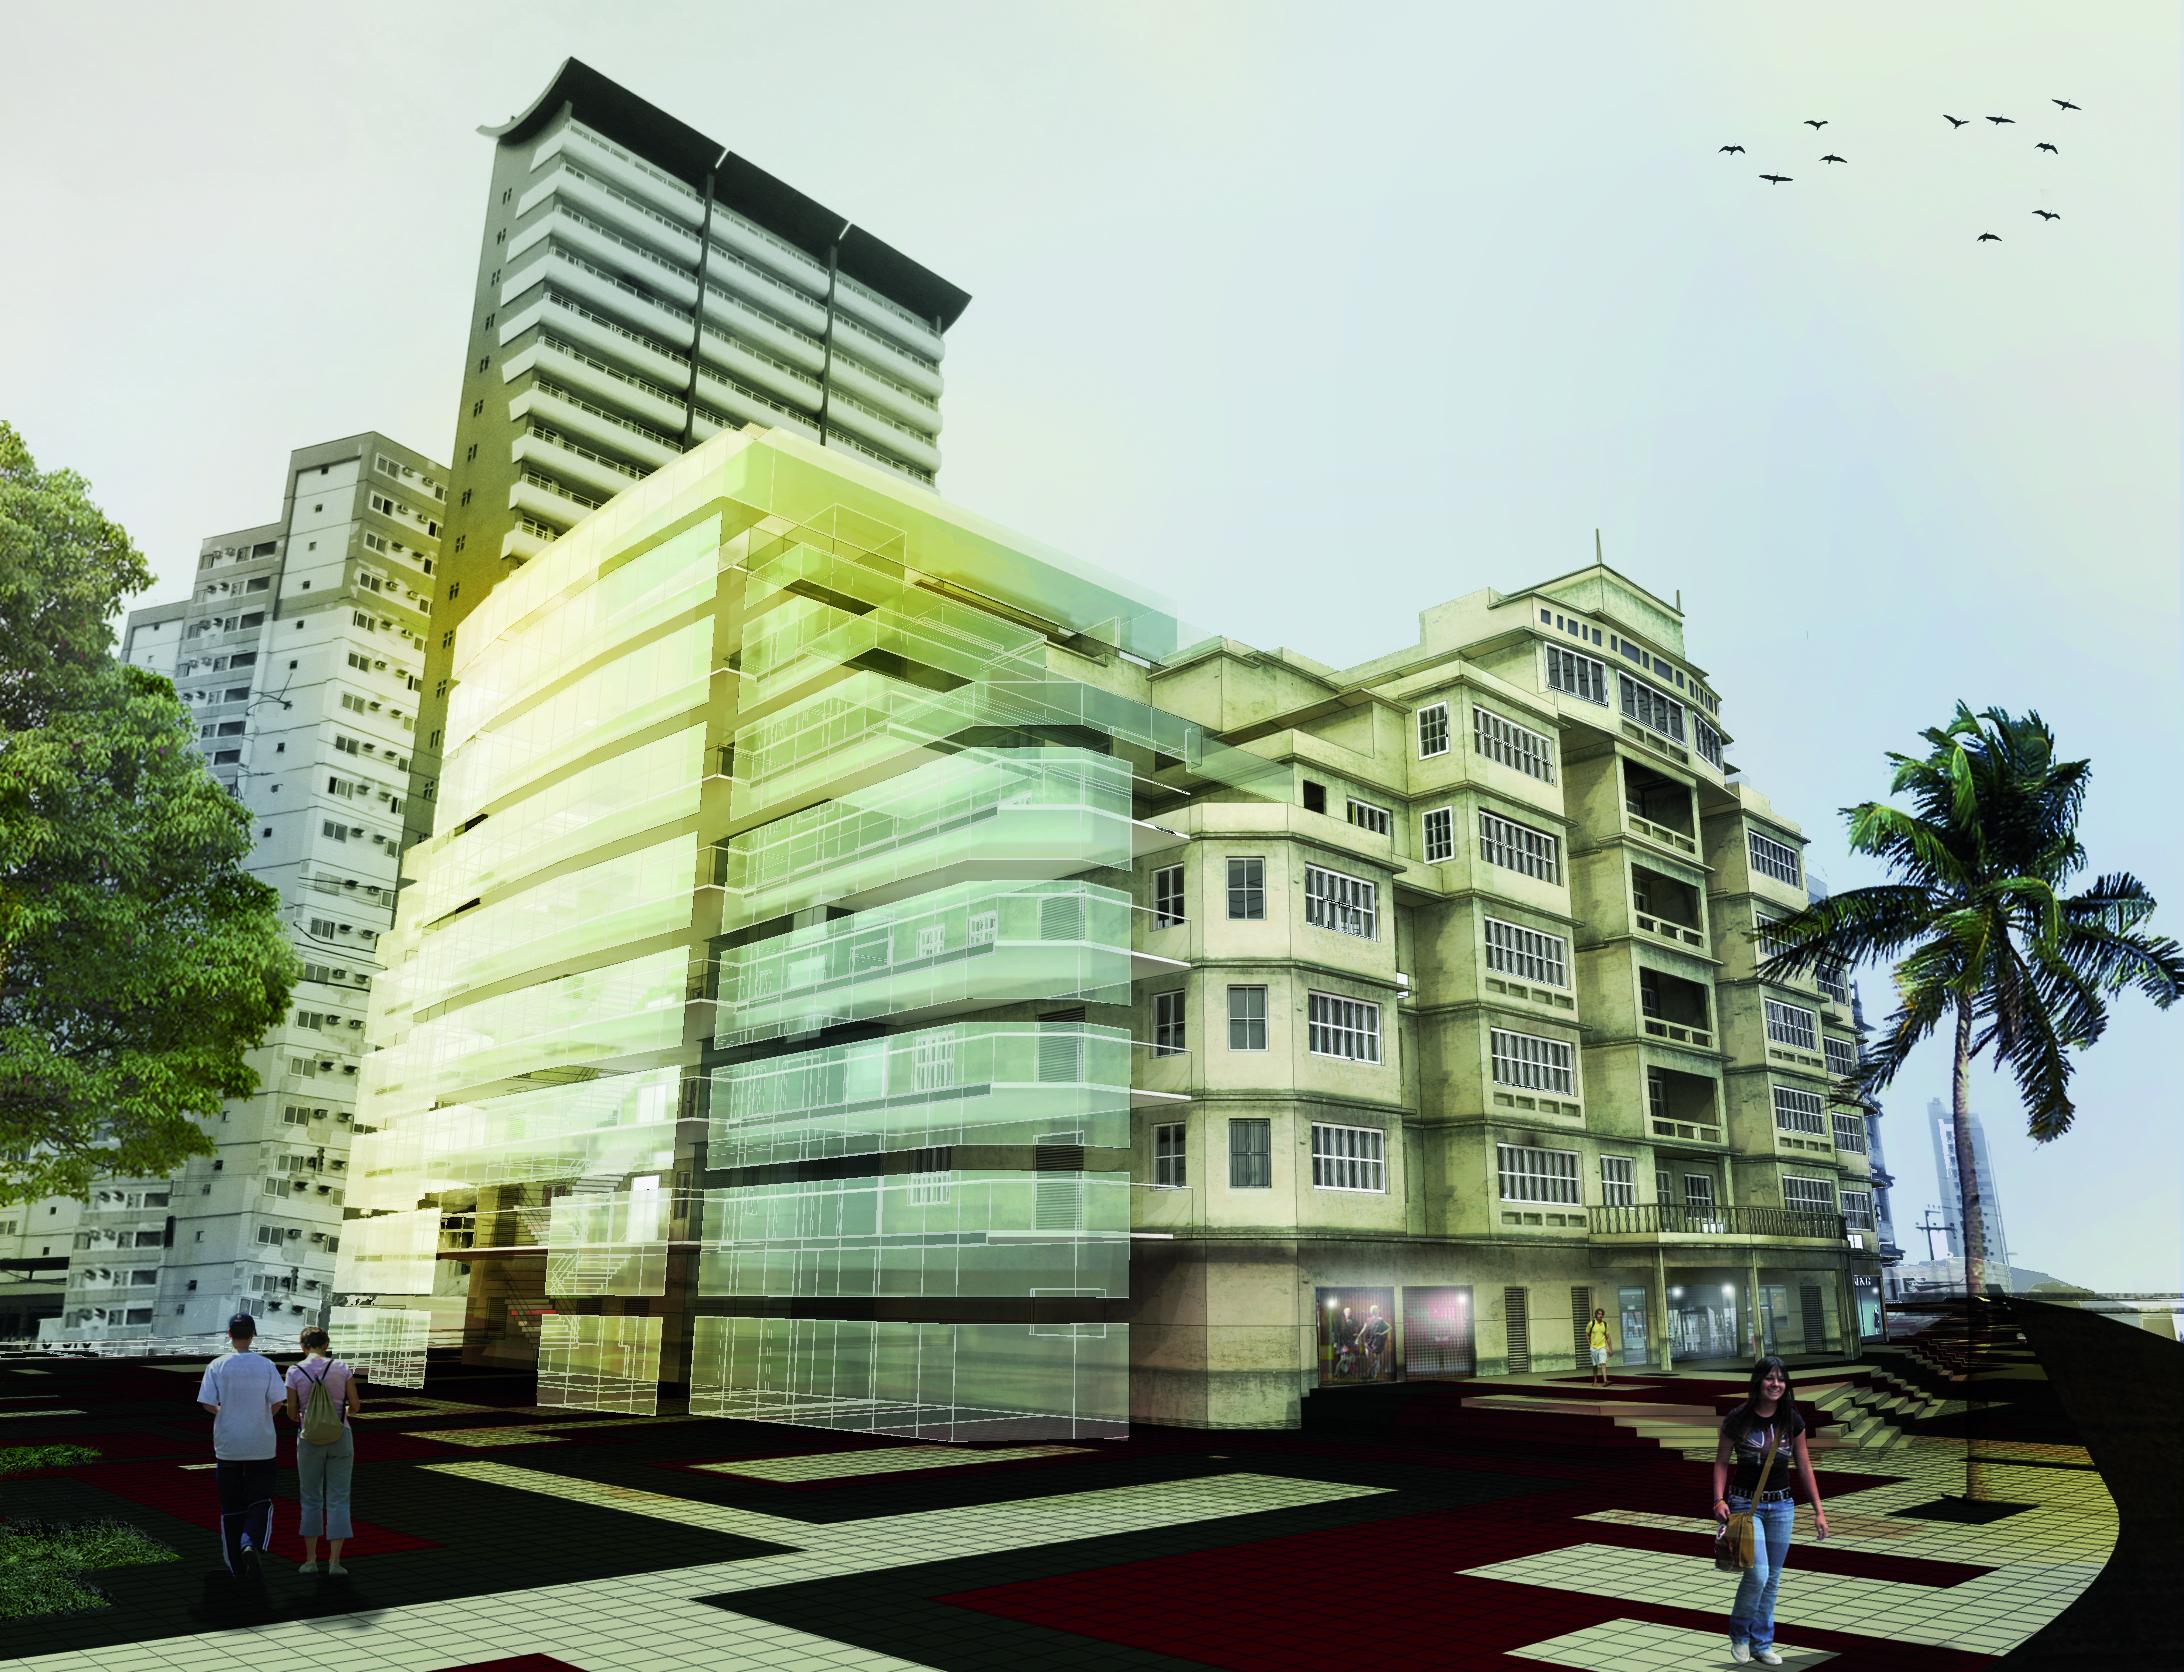 Proposta de Intervenção patrimonial em Fortaleza: o antigo Iracema Plaza Hotel / Igor Fracalossi, © Foto: Fabricio Porto / Render: cruxflux